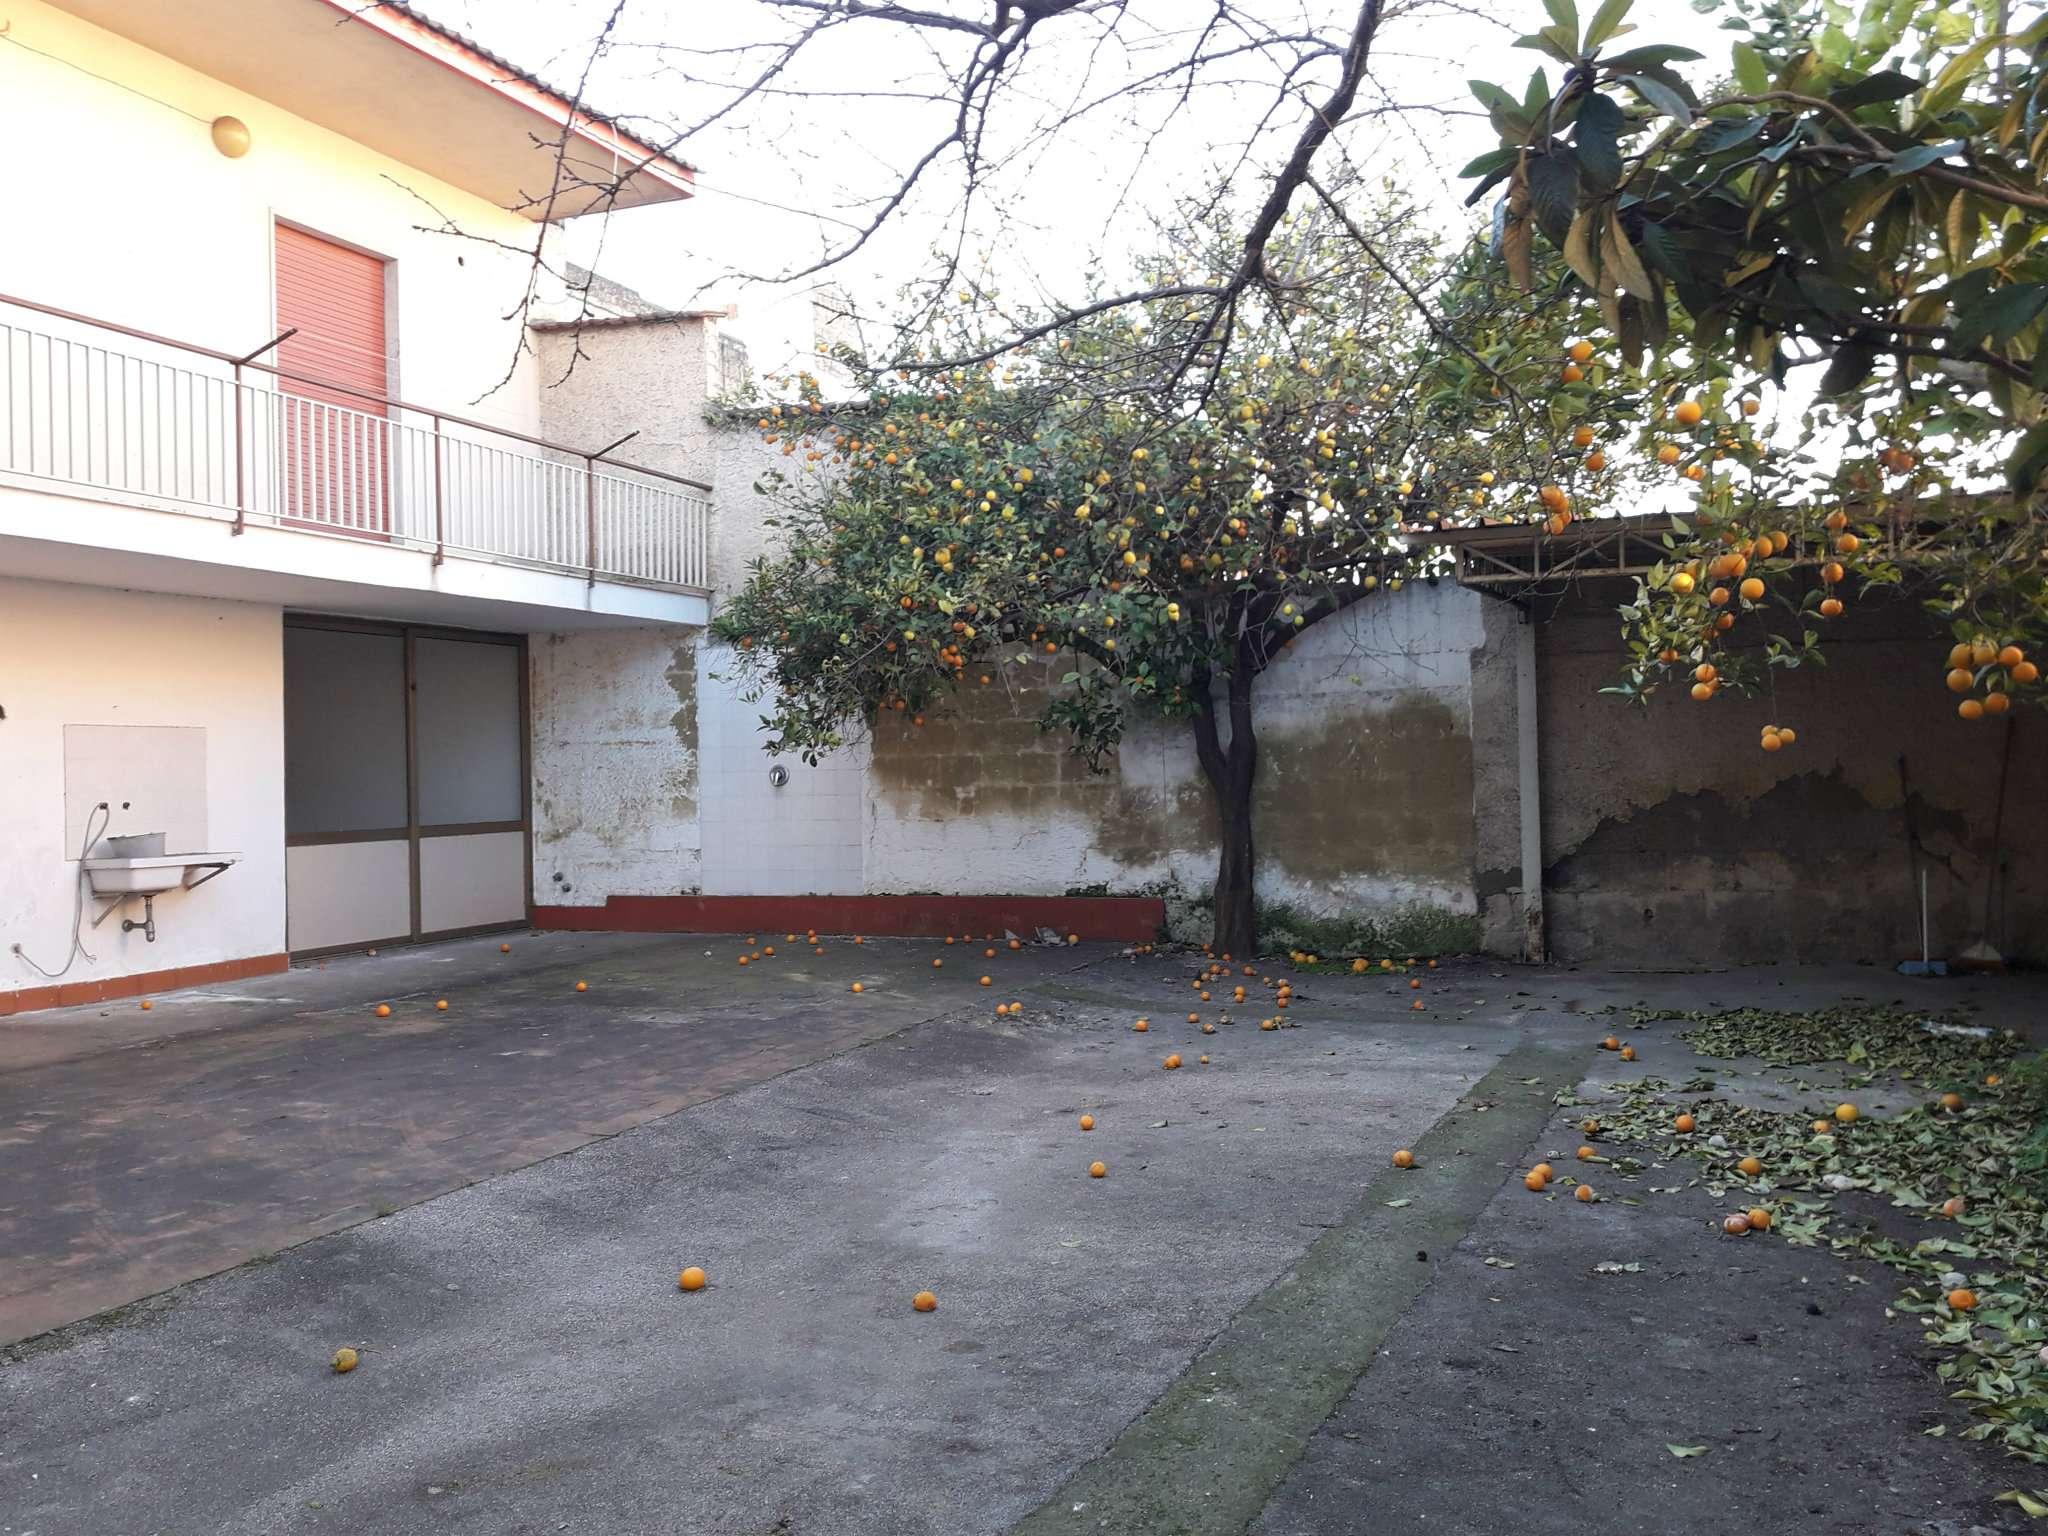 Soluzione Indipendente in vendita a Marigliano, 6 locali, prezzo € 220.000 | CambioCasa.it